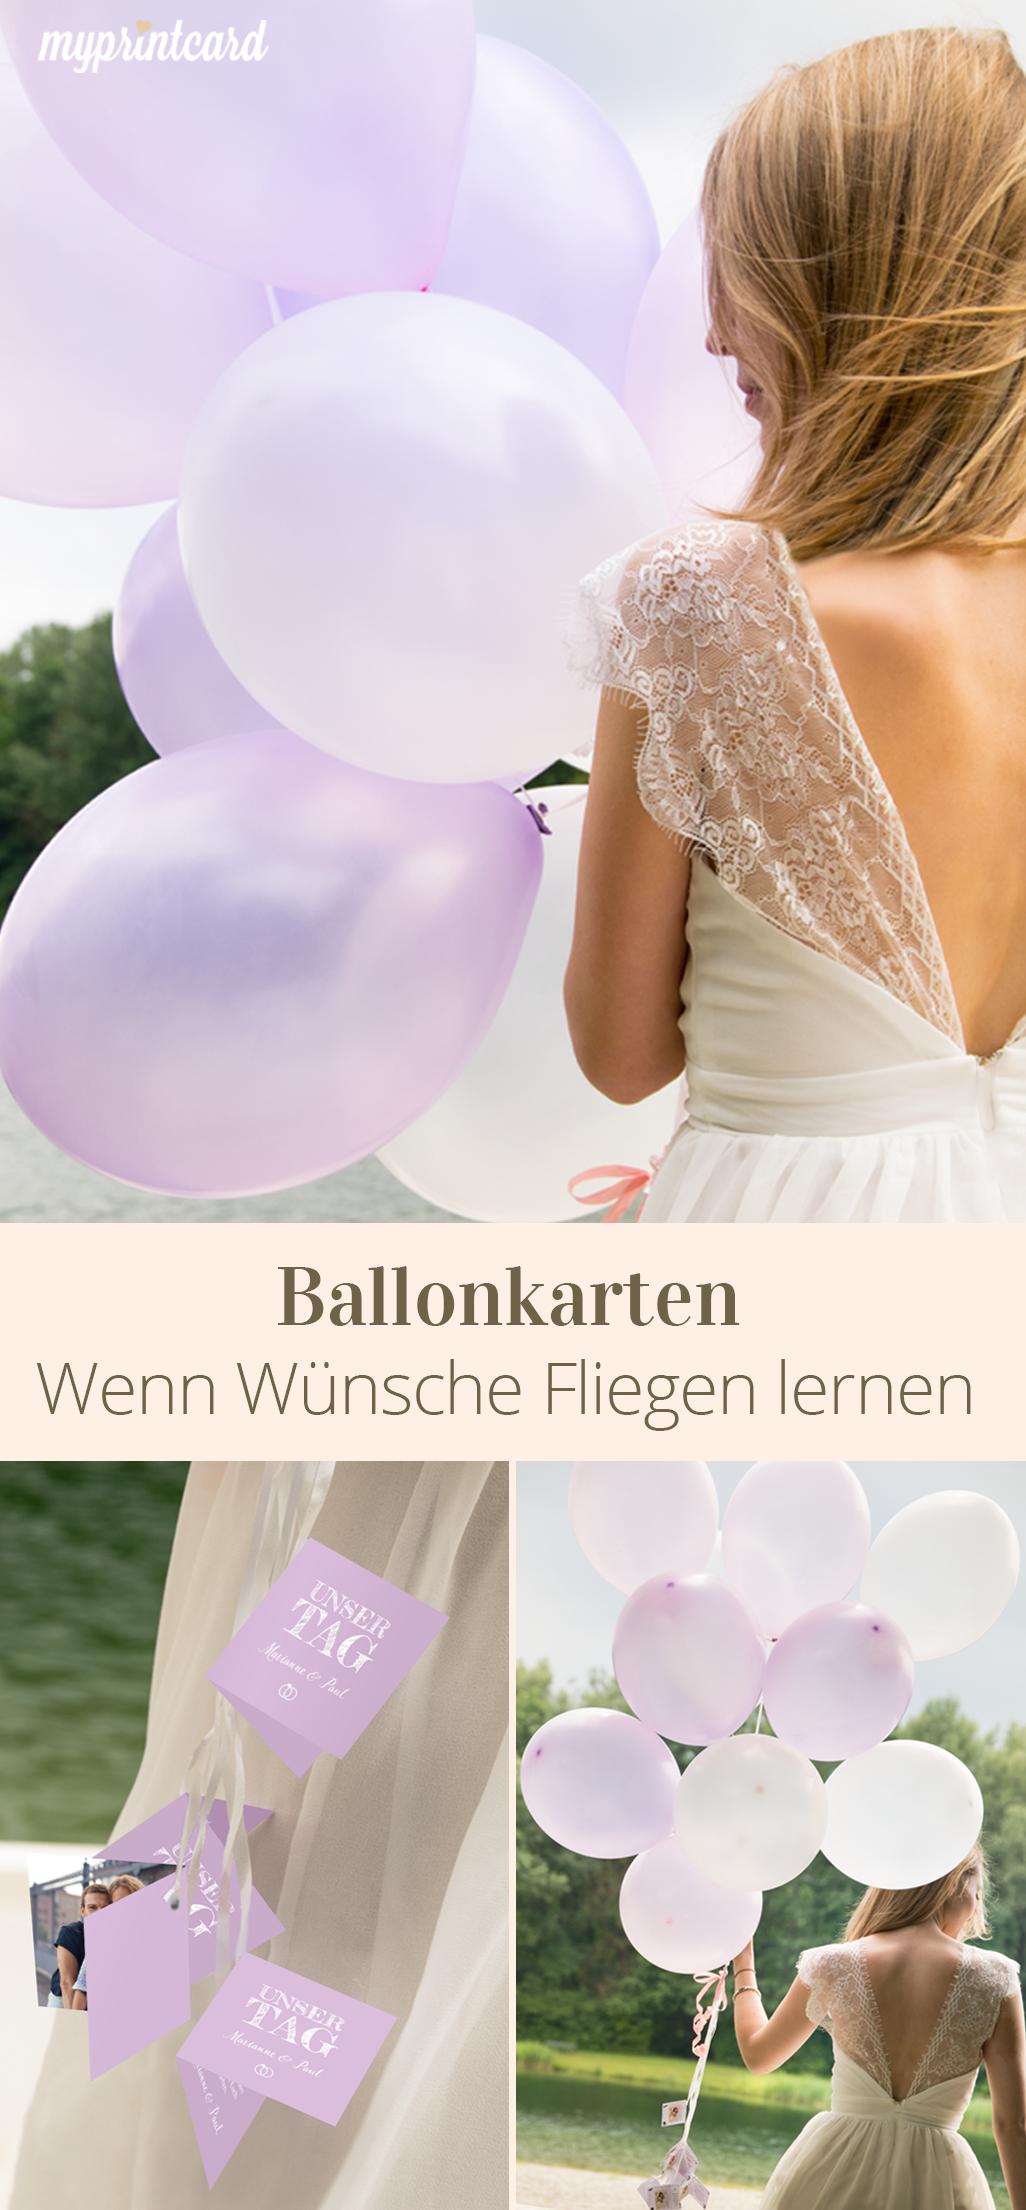 Ballonkarten Fur Die Hochzeit Wenn Wunsche Fliegen Lernen Luftballons Hochzeit Hochzeit Gastgeschenke Hochzeit